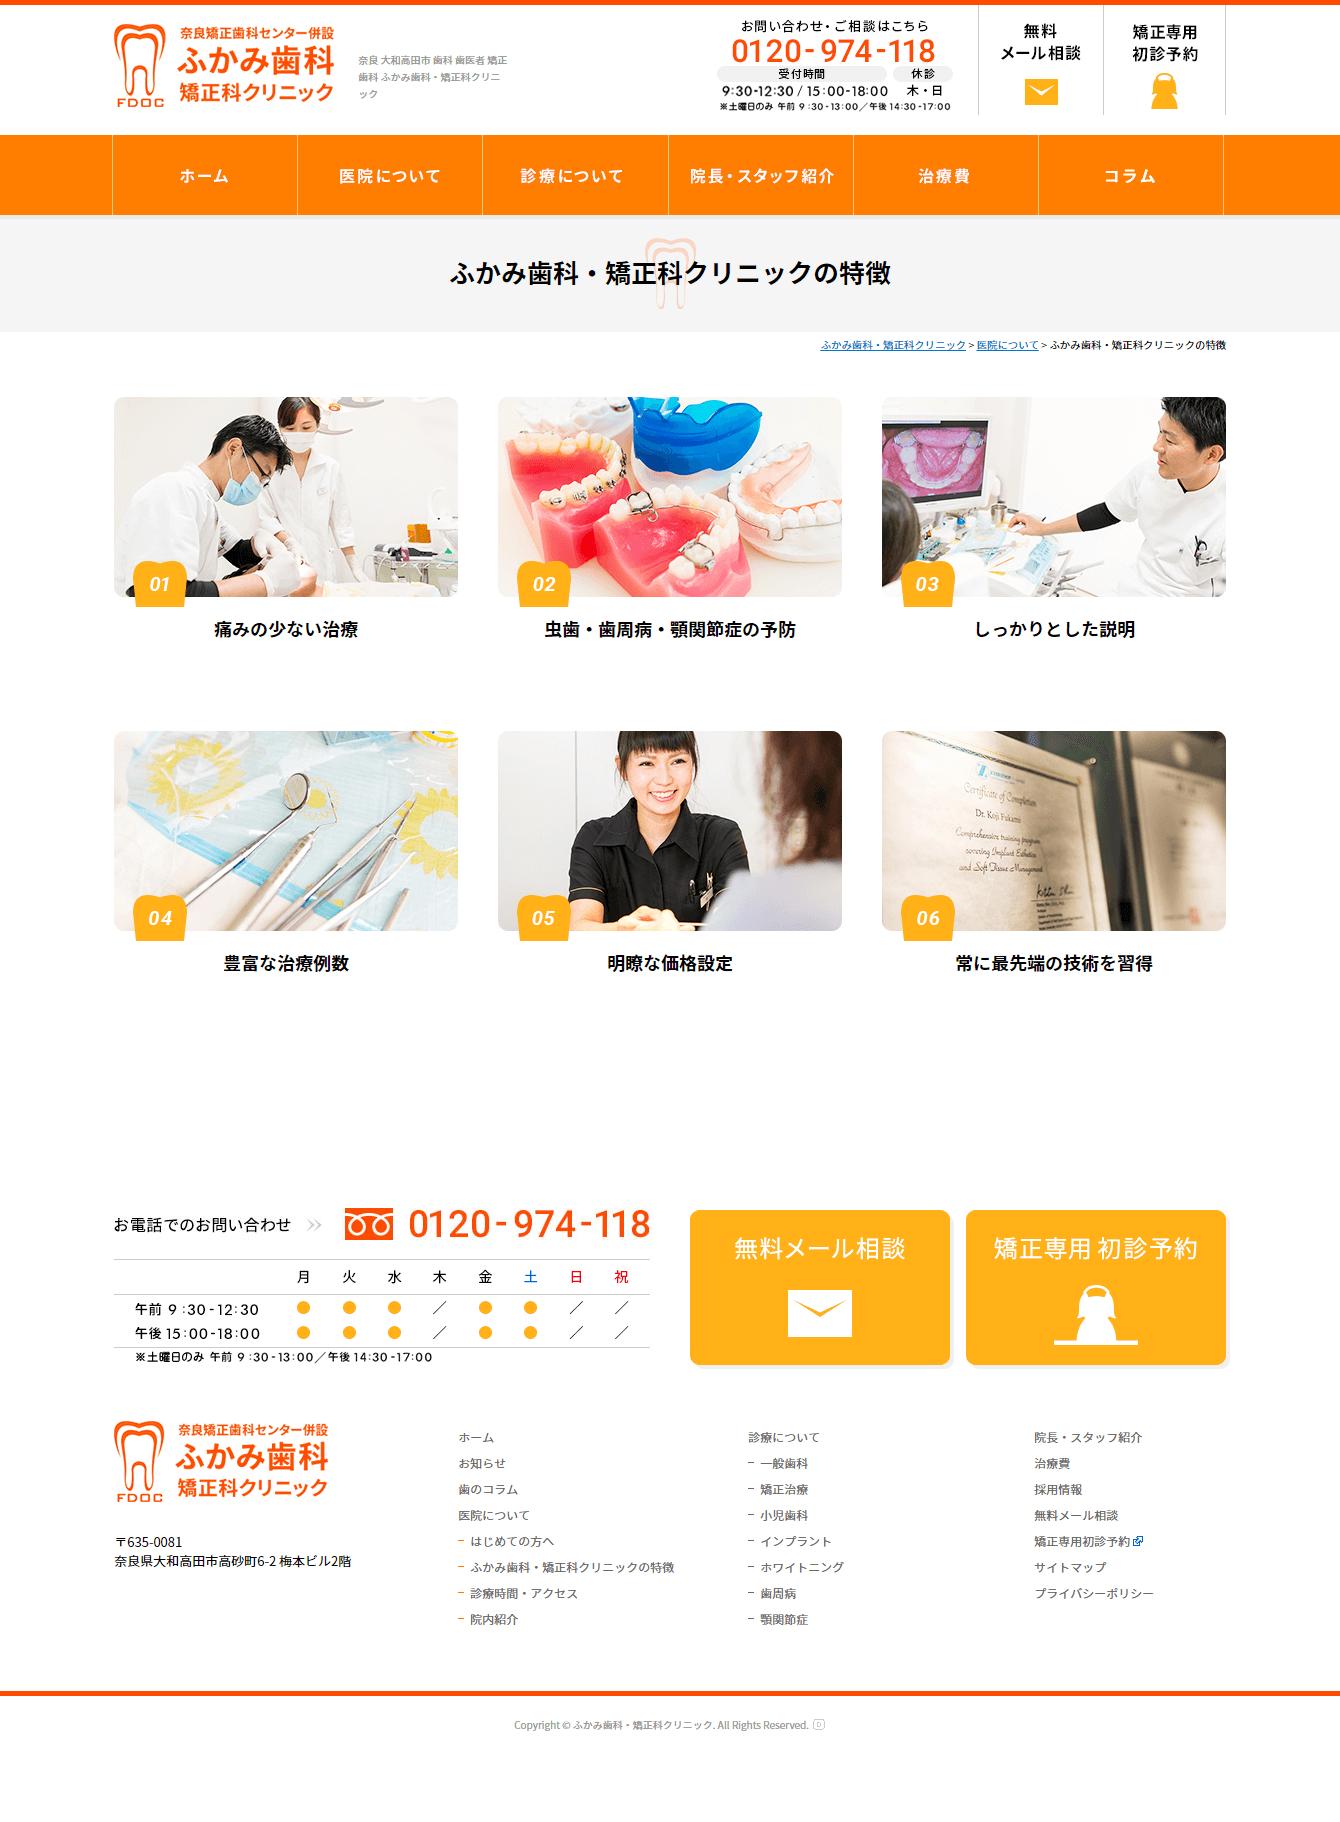 大和高田市 ふかみ歯科・矯正科クリニック様 ホームページ制作2